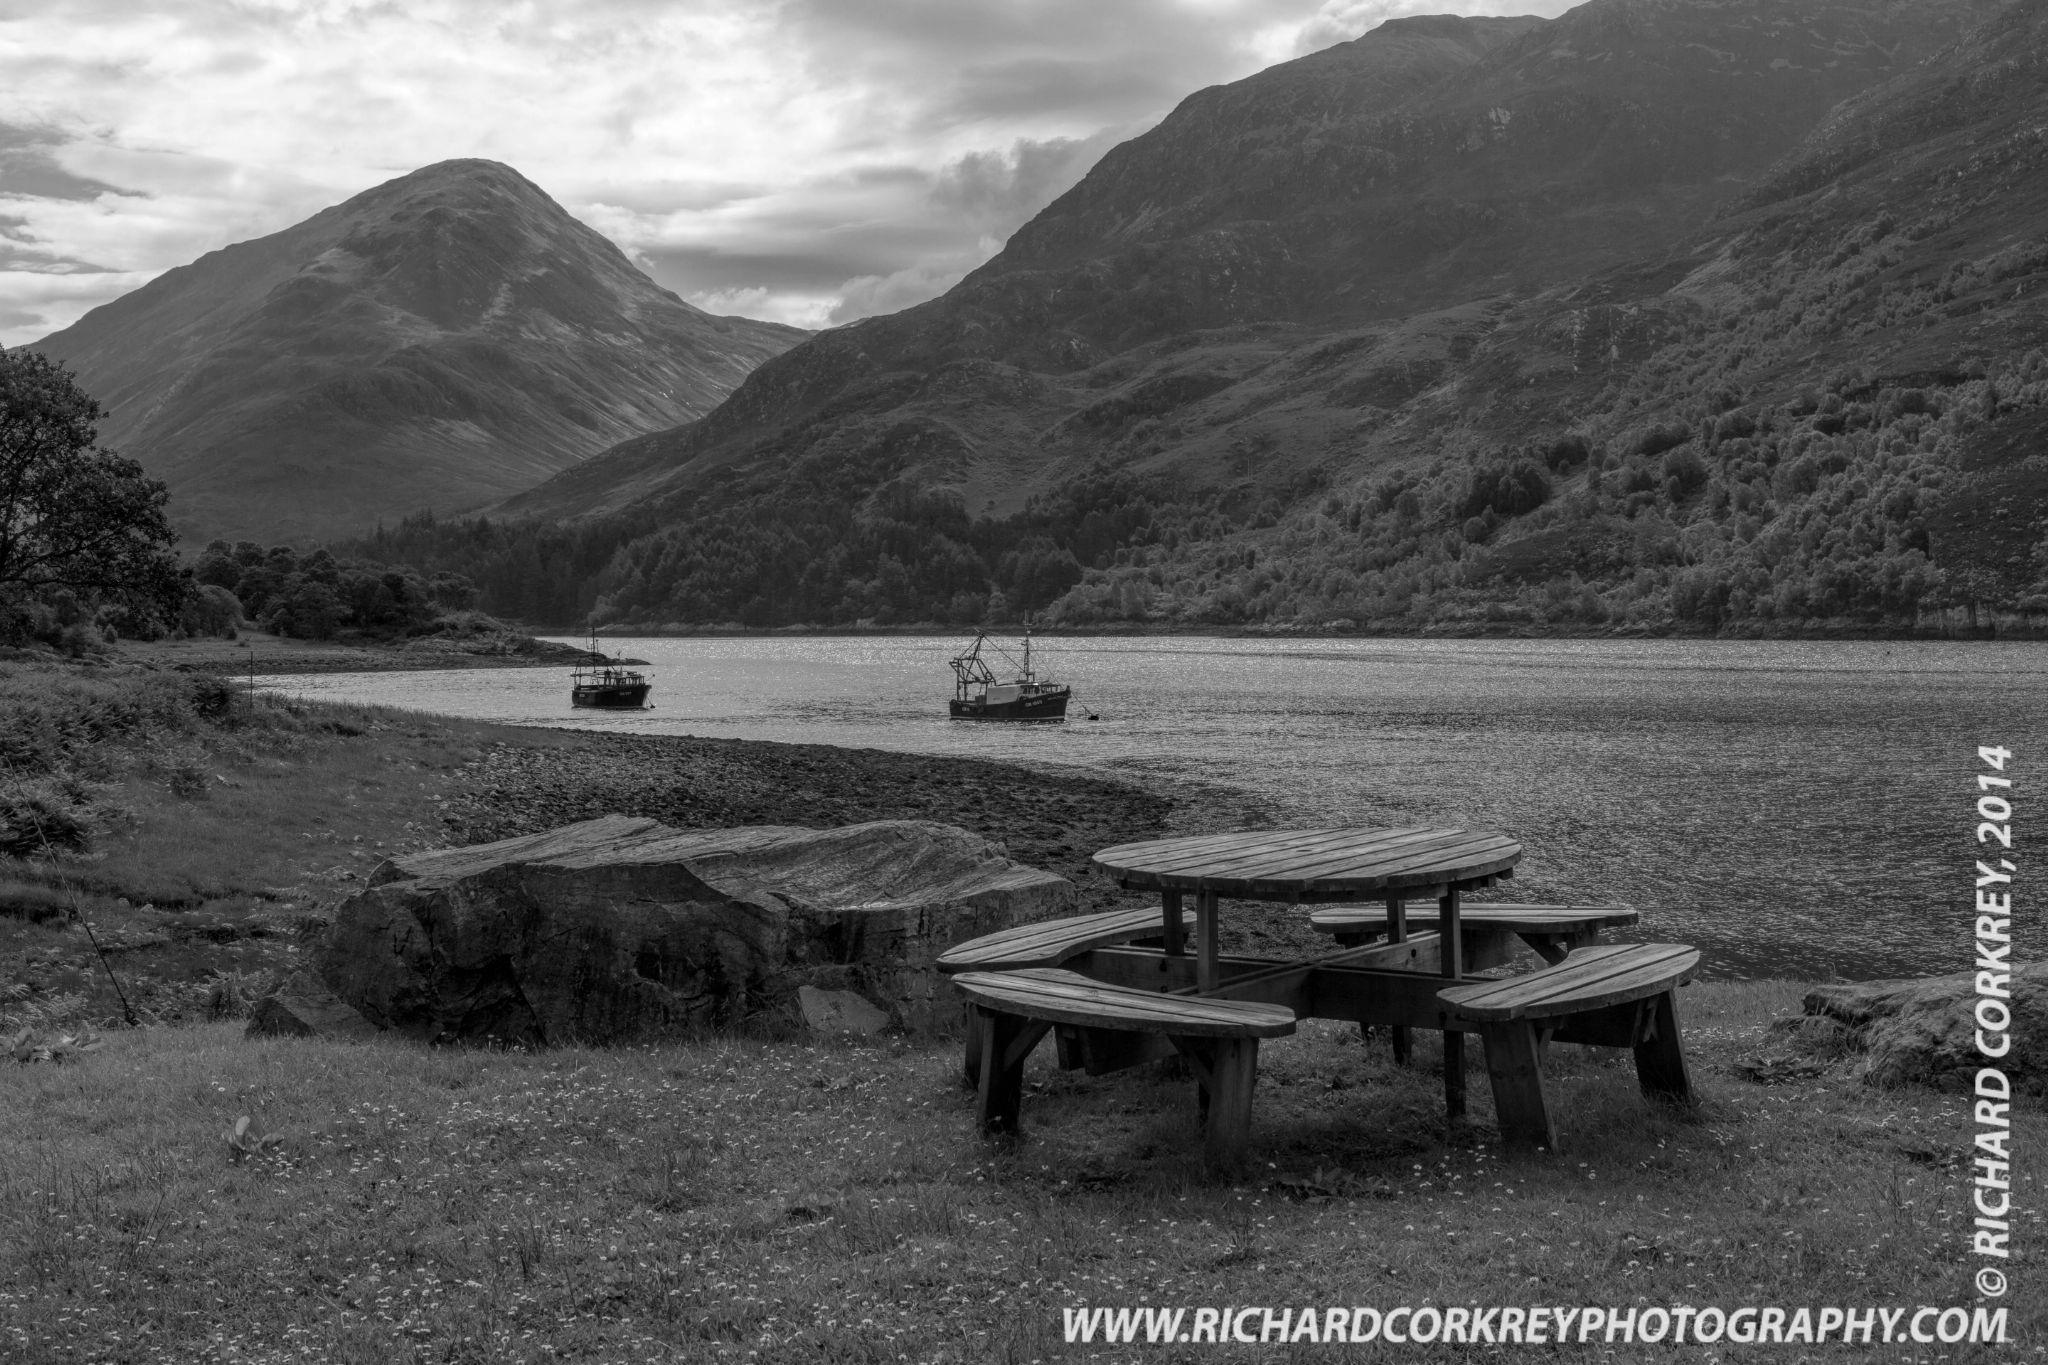 Scottish Hospitality by Richard Corkrey